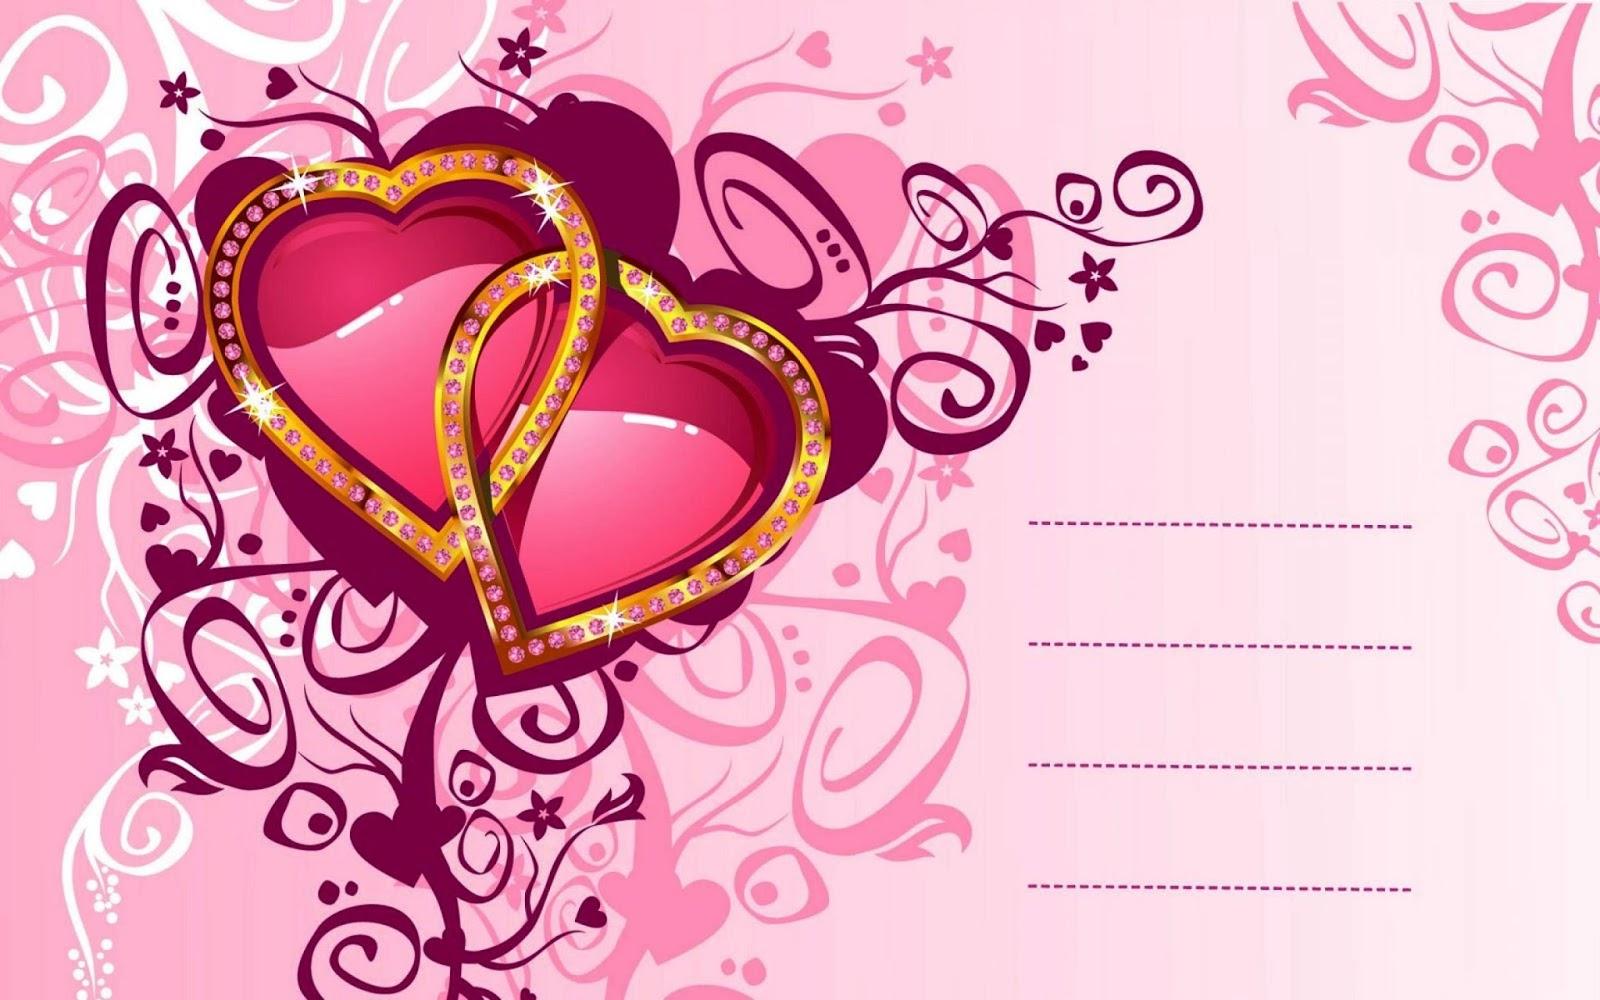 Download Gratis 20 Gambar Wallpaper Hari Valentine 2017